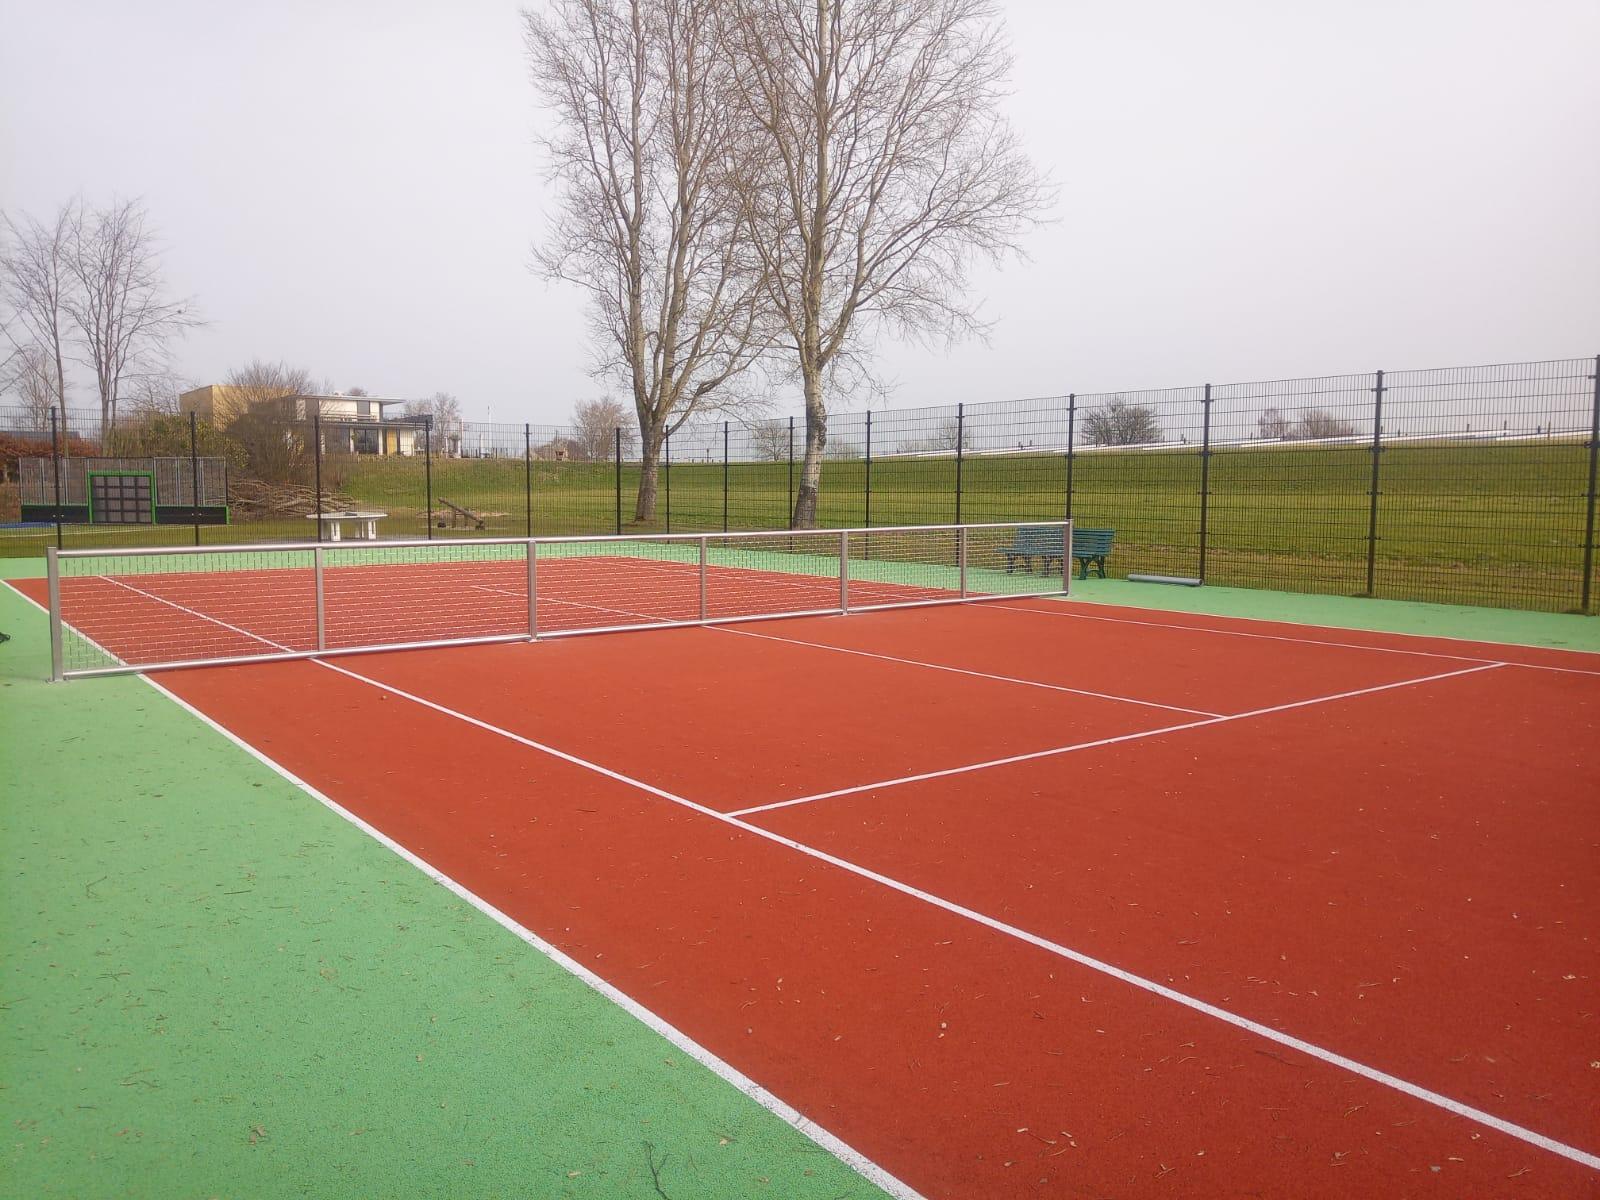 tennisnet-rvs-duurzaam